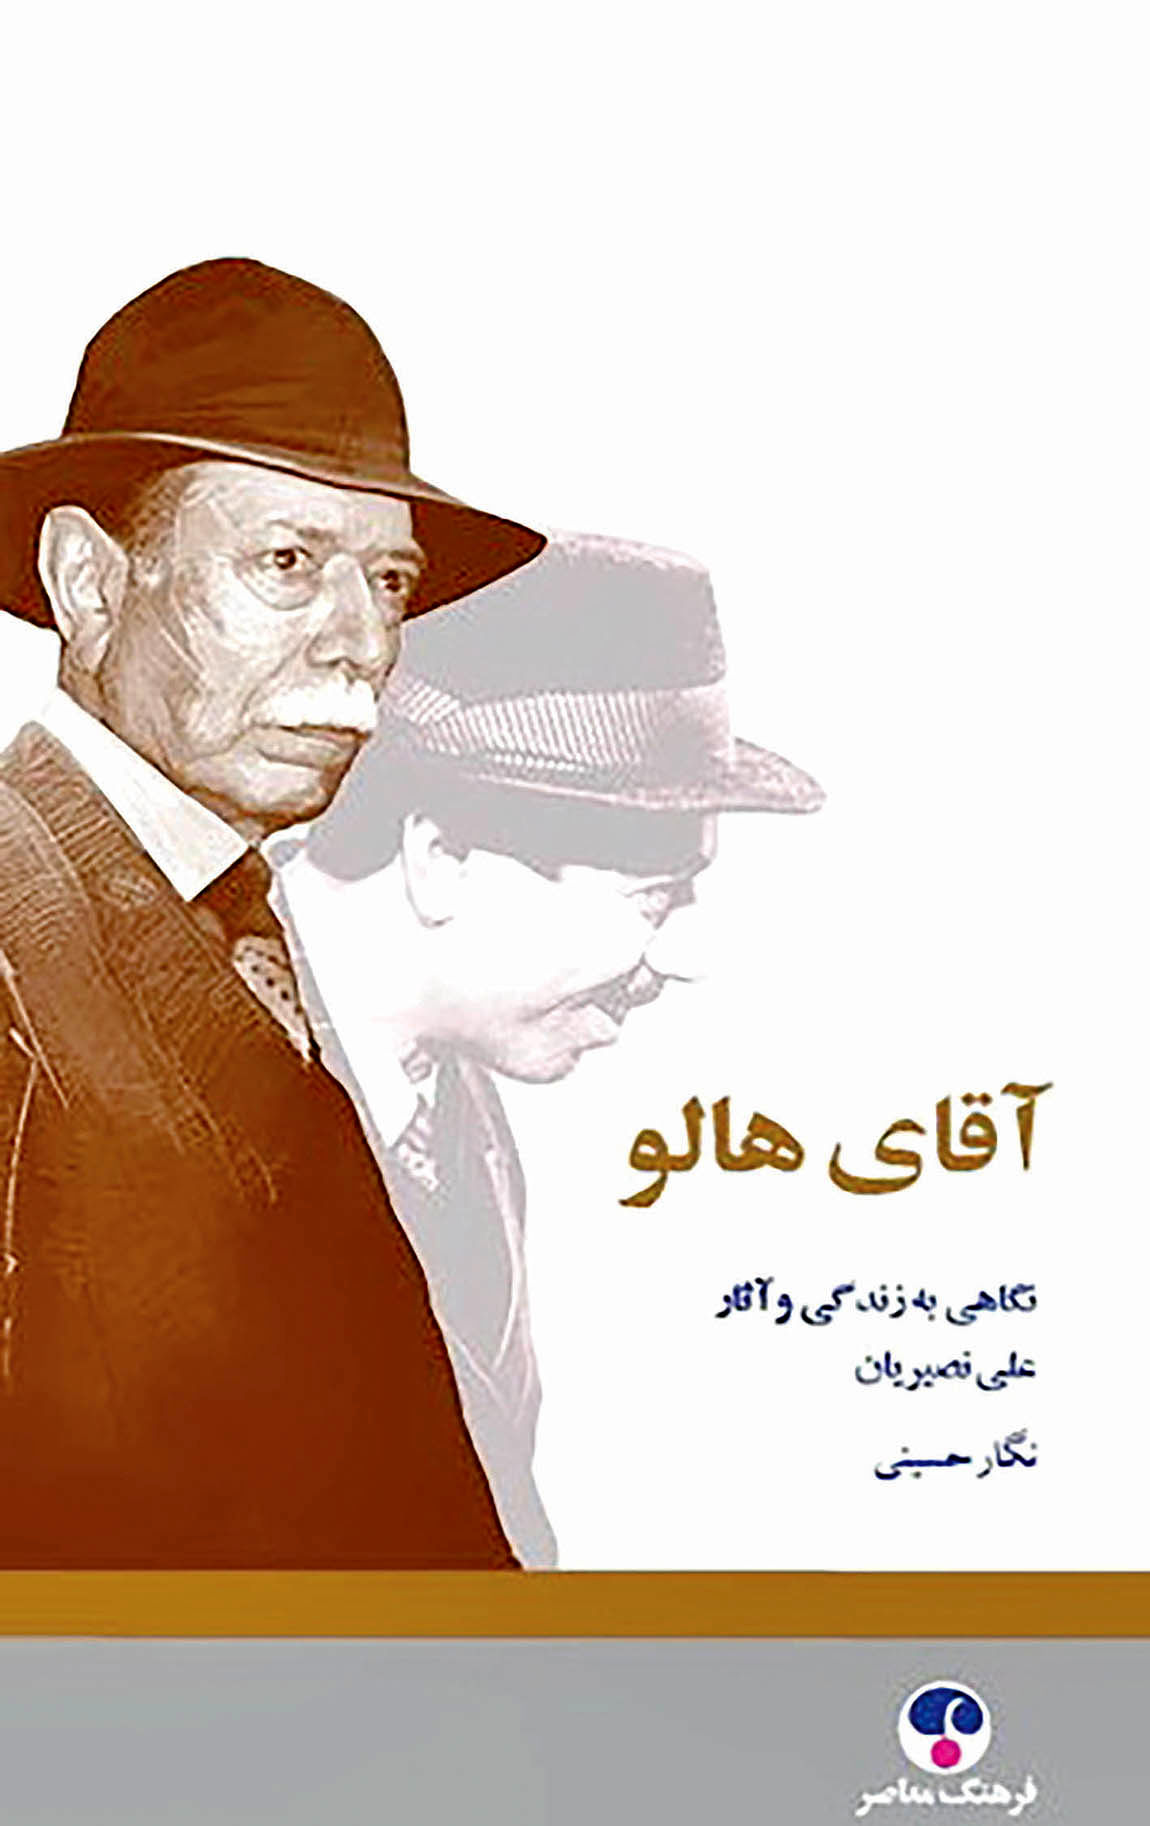 انتشار کتاب زندگینامه علی نصیریان